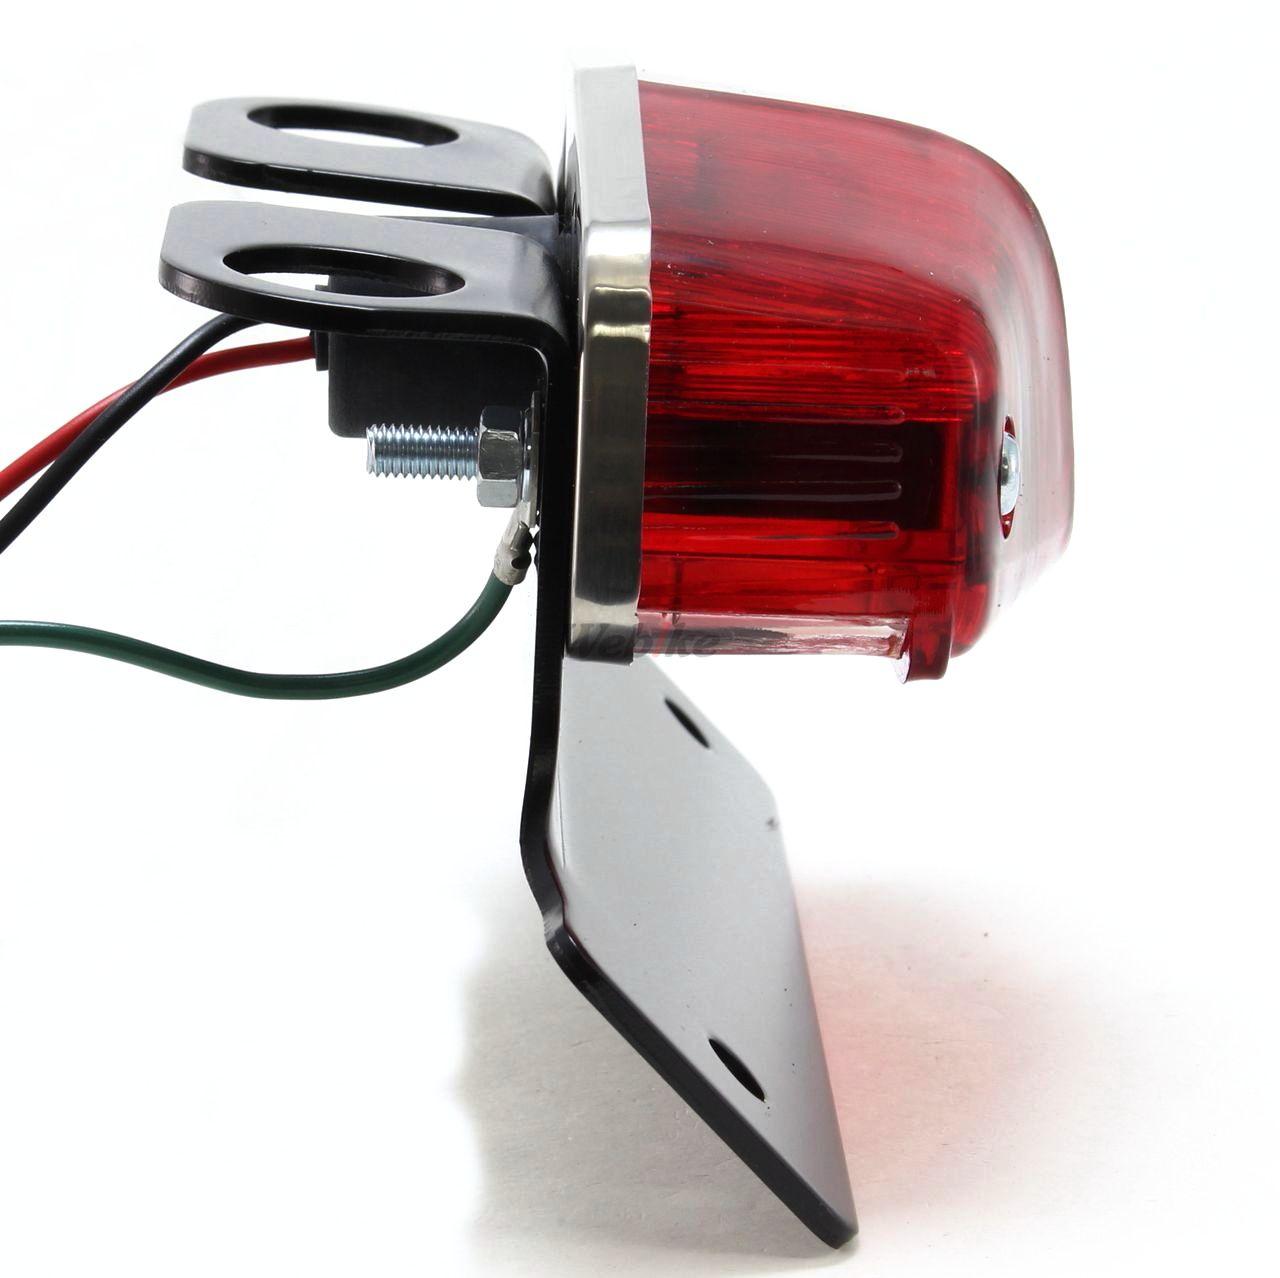 【POSH】後尾燈套件 - 「Webike-摩托百貨」